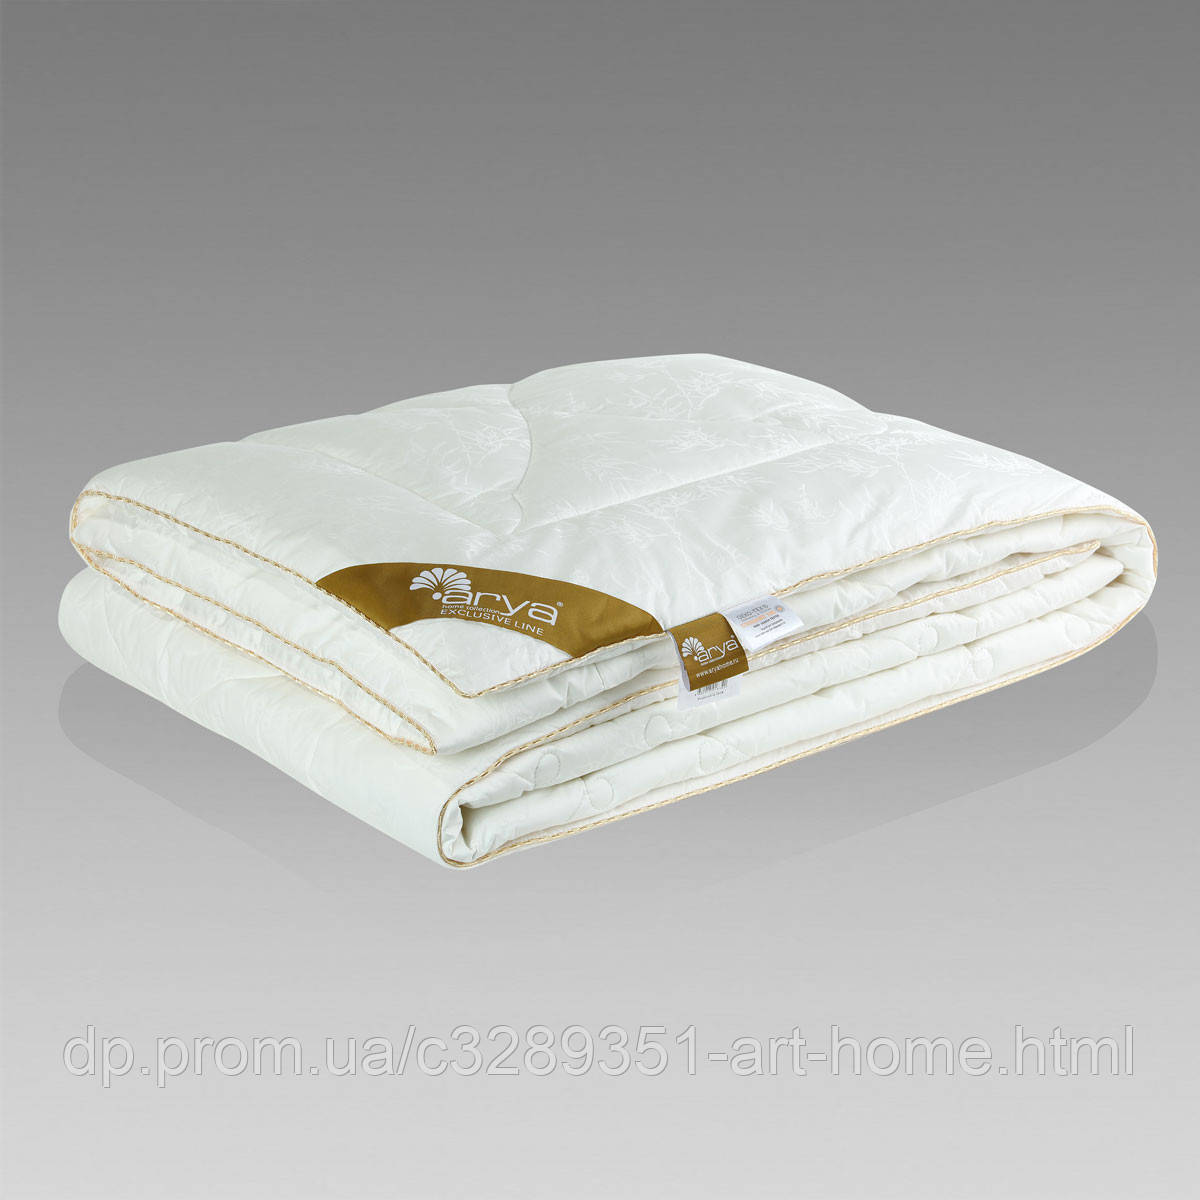 Одеяло полуторное 155х215 см Bamboo-Kun Exclusive Line Arya AR-TR1001149